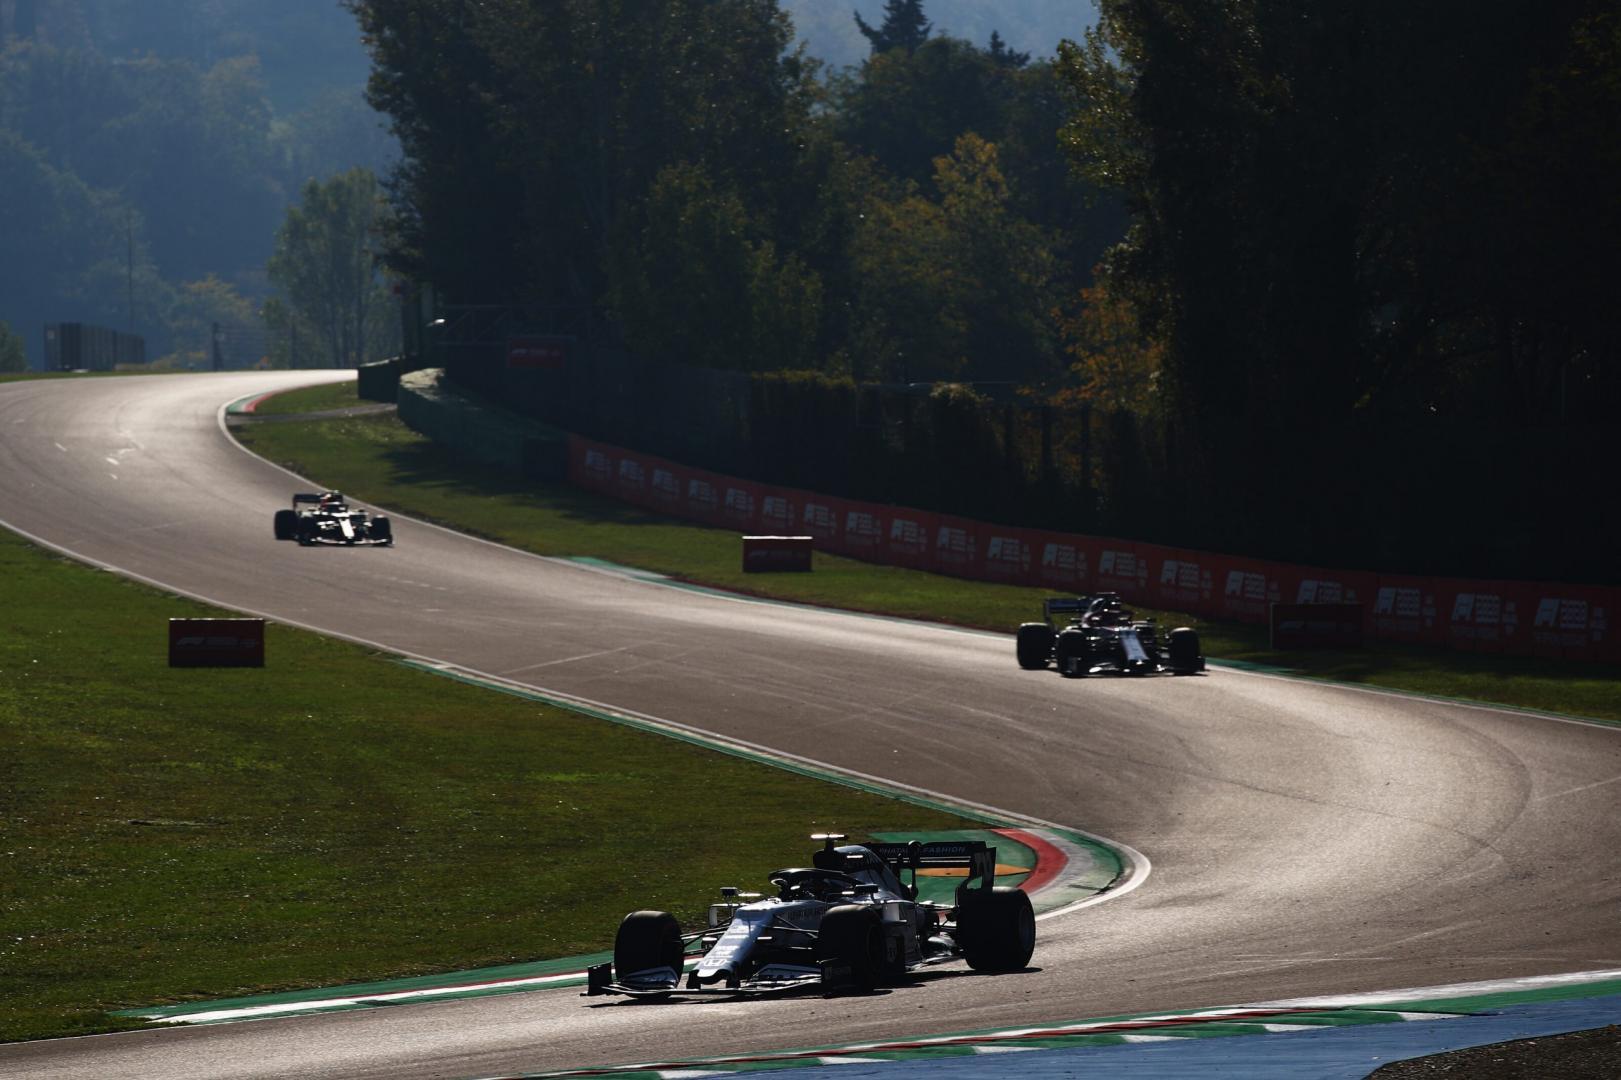 Kwalificatie van de GP van Emilia-Romagna 2020